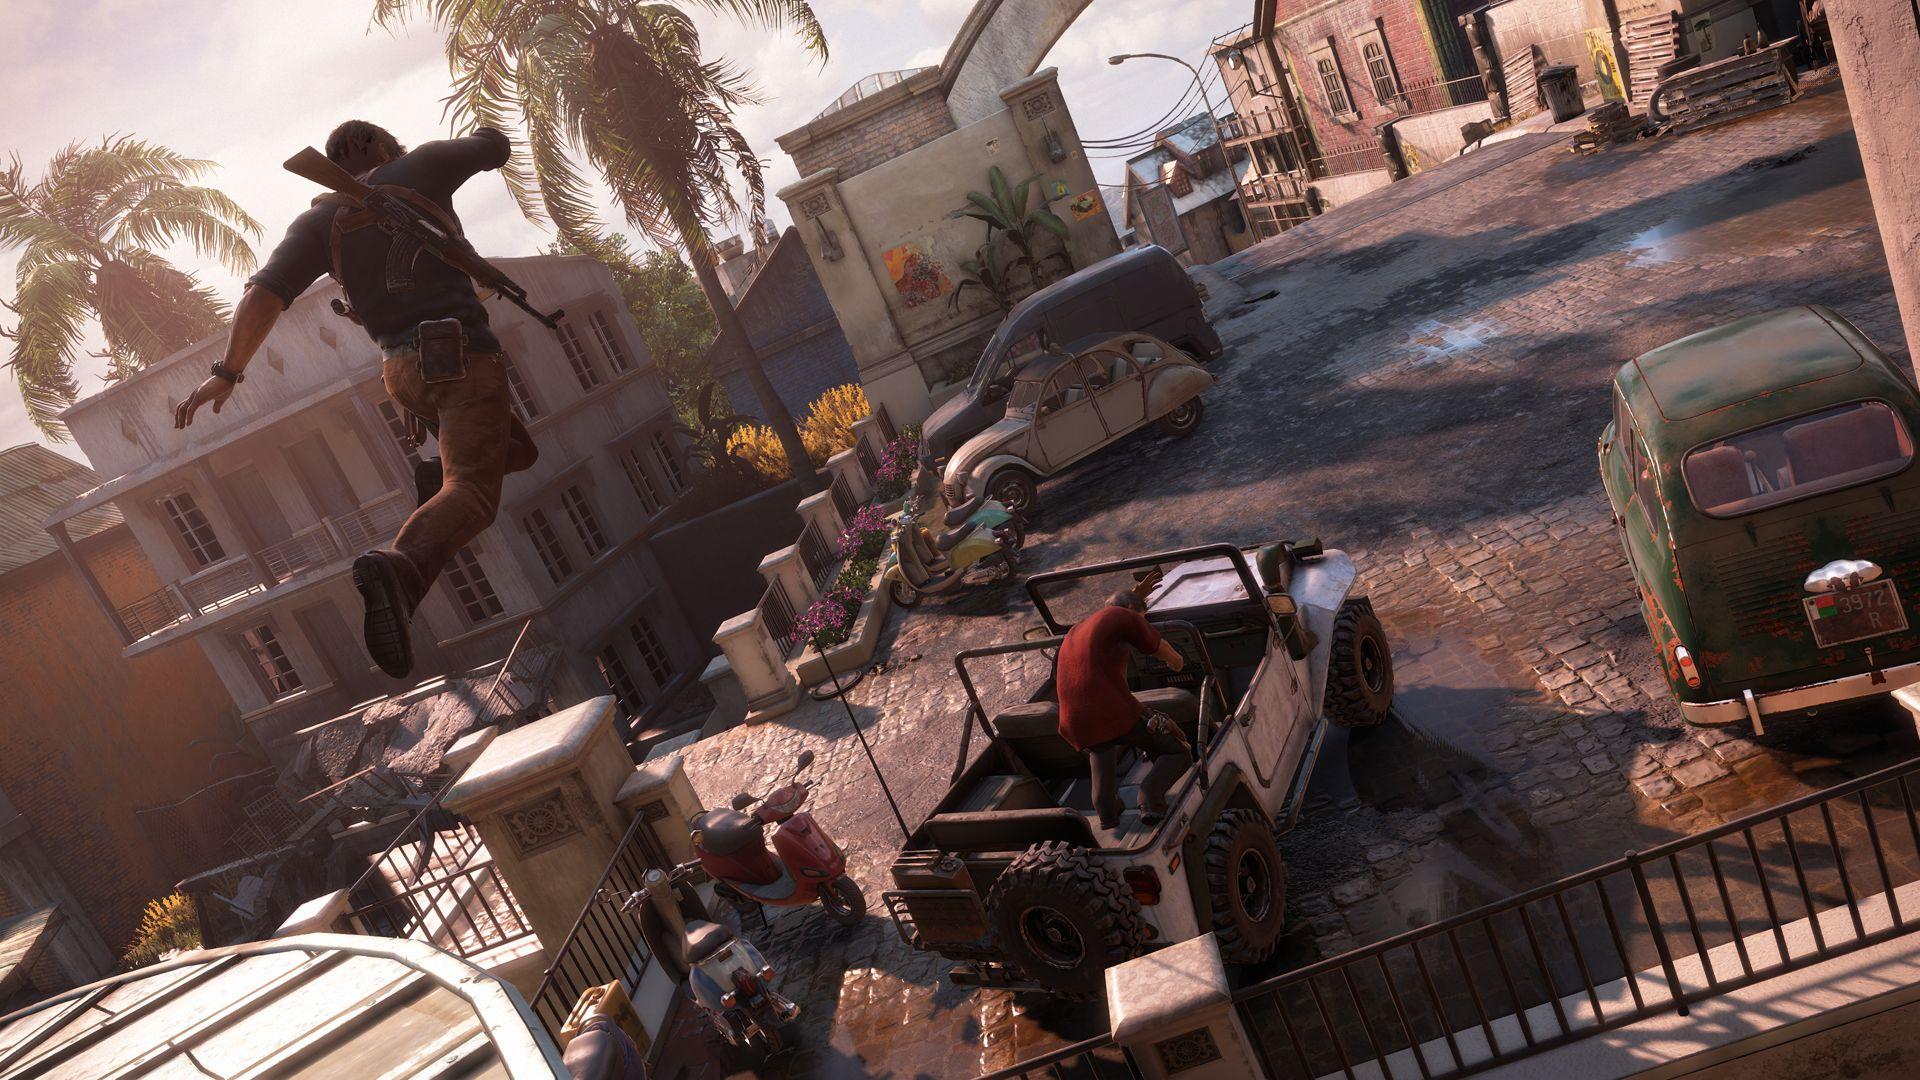 Uncharted 4 demo